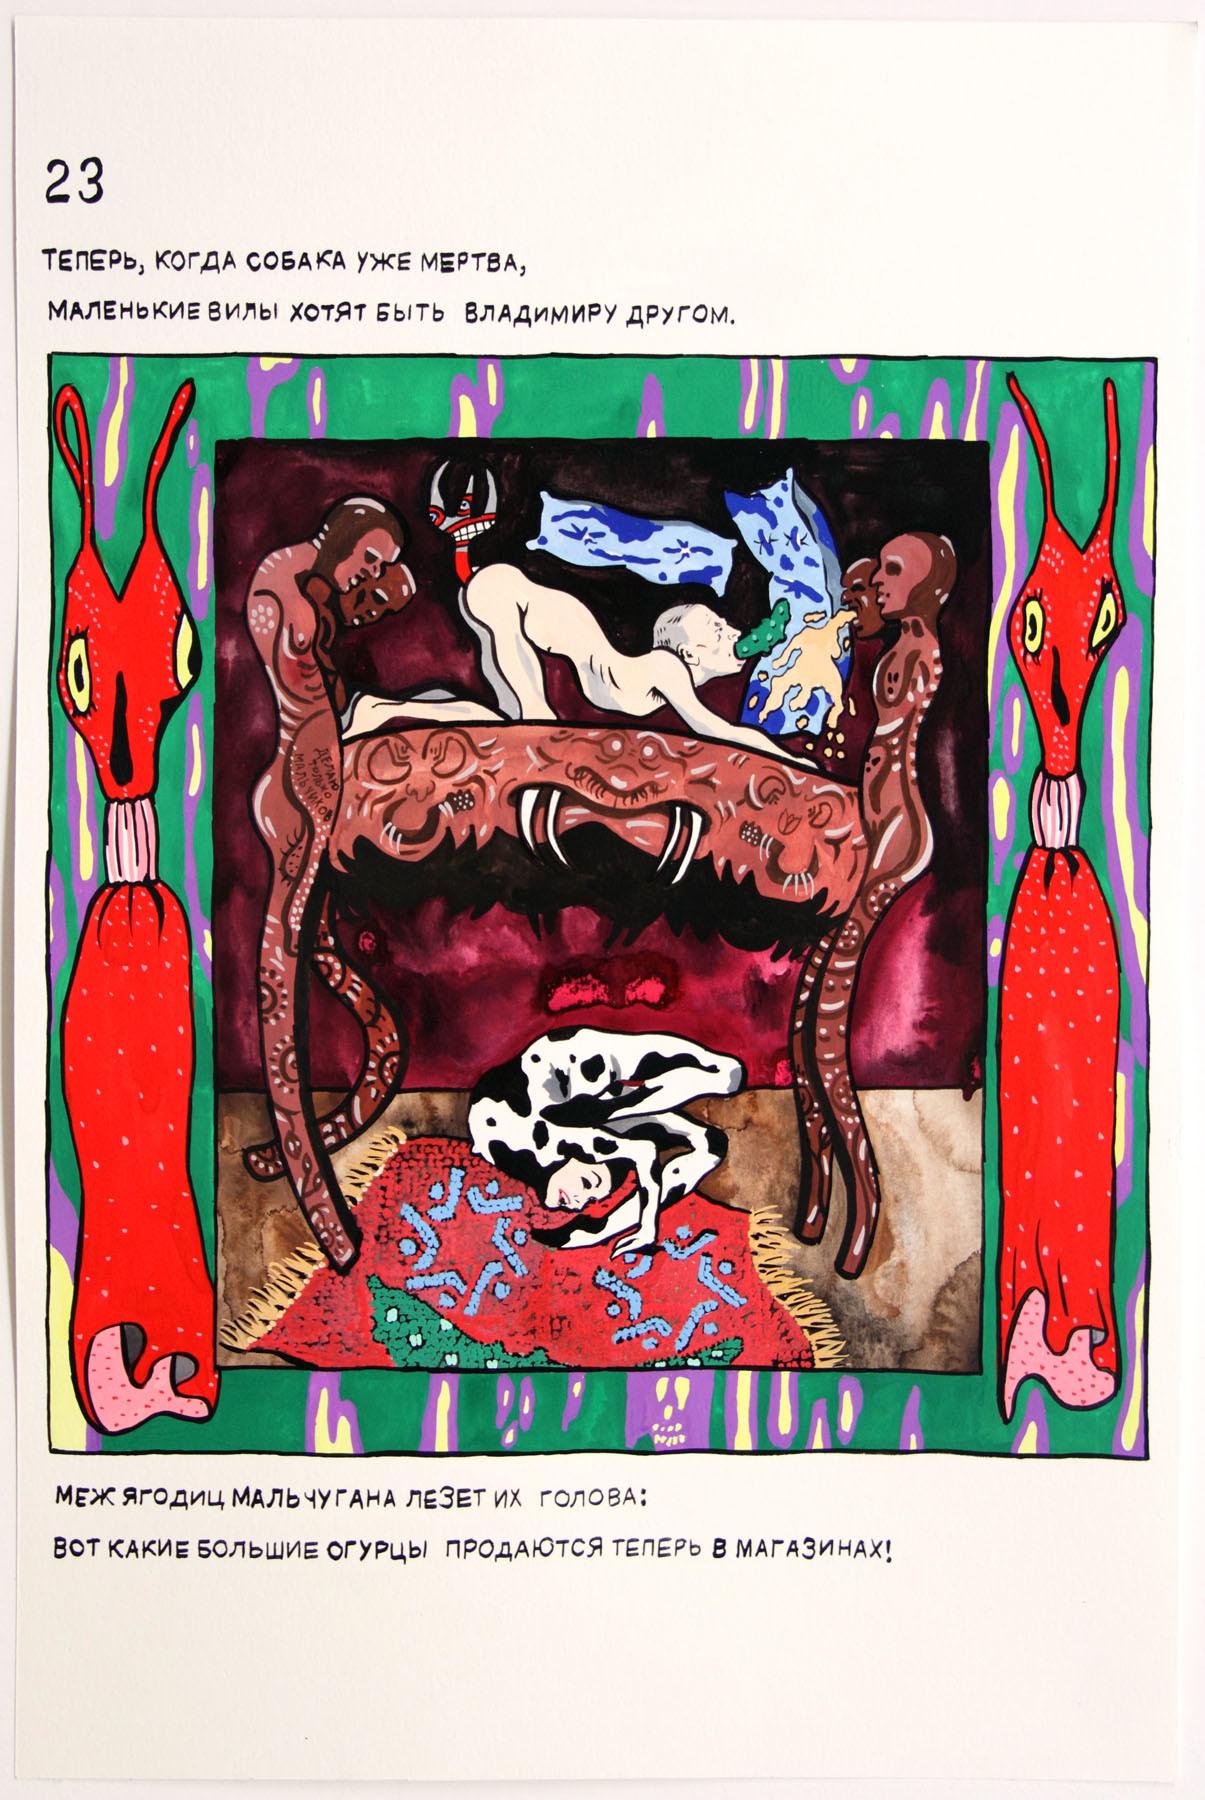 """Maxim Komar-Myshkin, Vladimir's Night # 23 (napisy: """"Teraz, kiedy pies nieżyje, malutkie widły chcą zostać najlepszym przyjacielem Włodzimierza. Wbija więcswoją głowę wpośladki chłopca imyśli: takwielkie ogórki sprzedają dzisiaj wsklepach!"""")"""